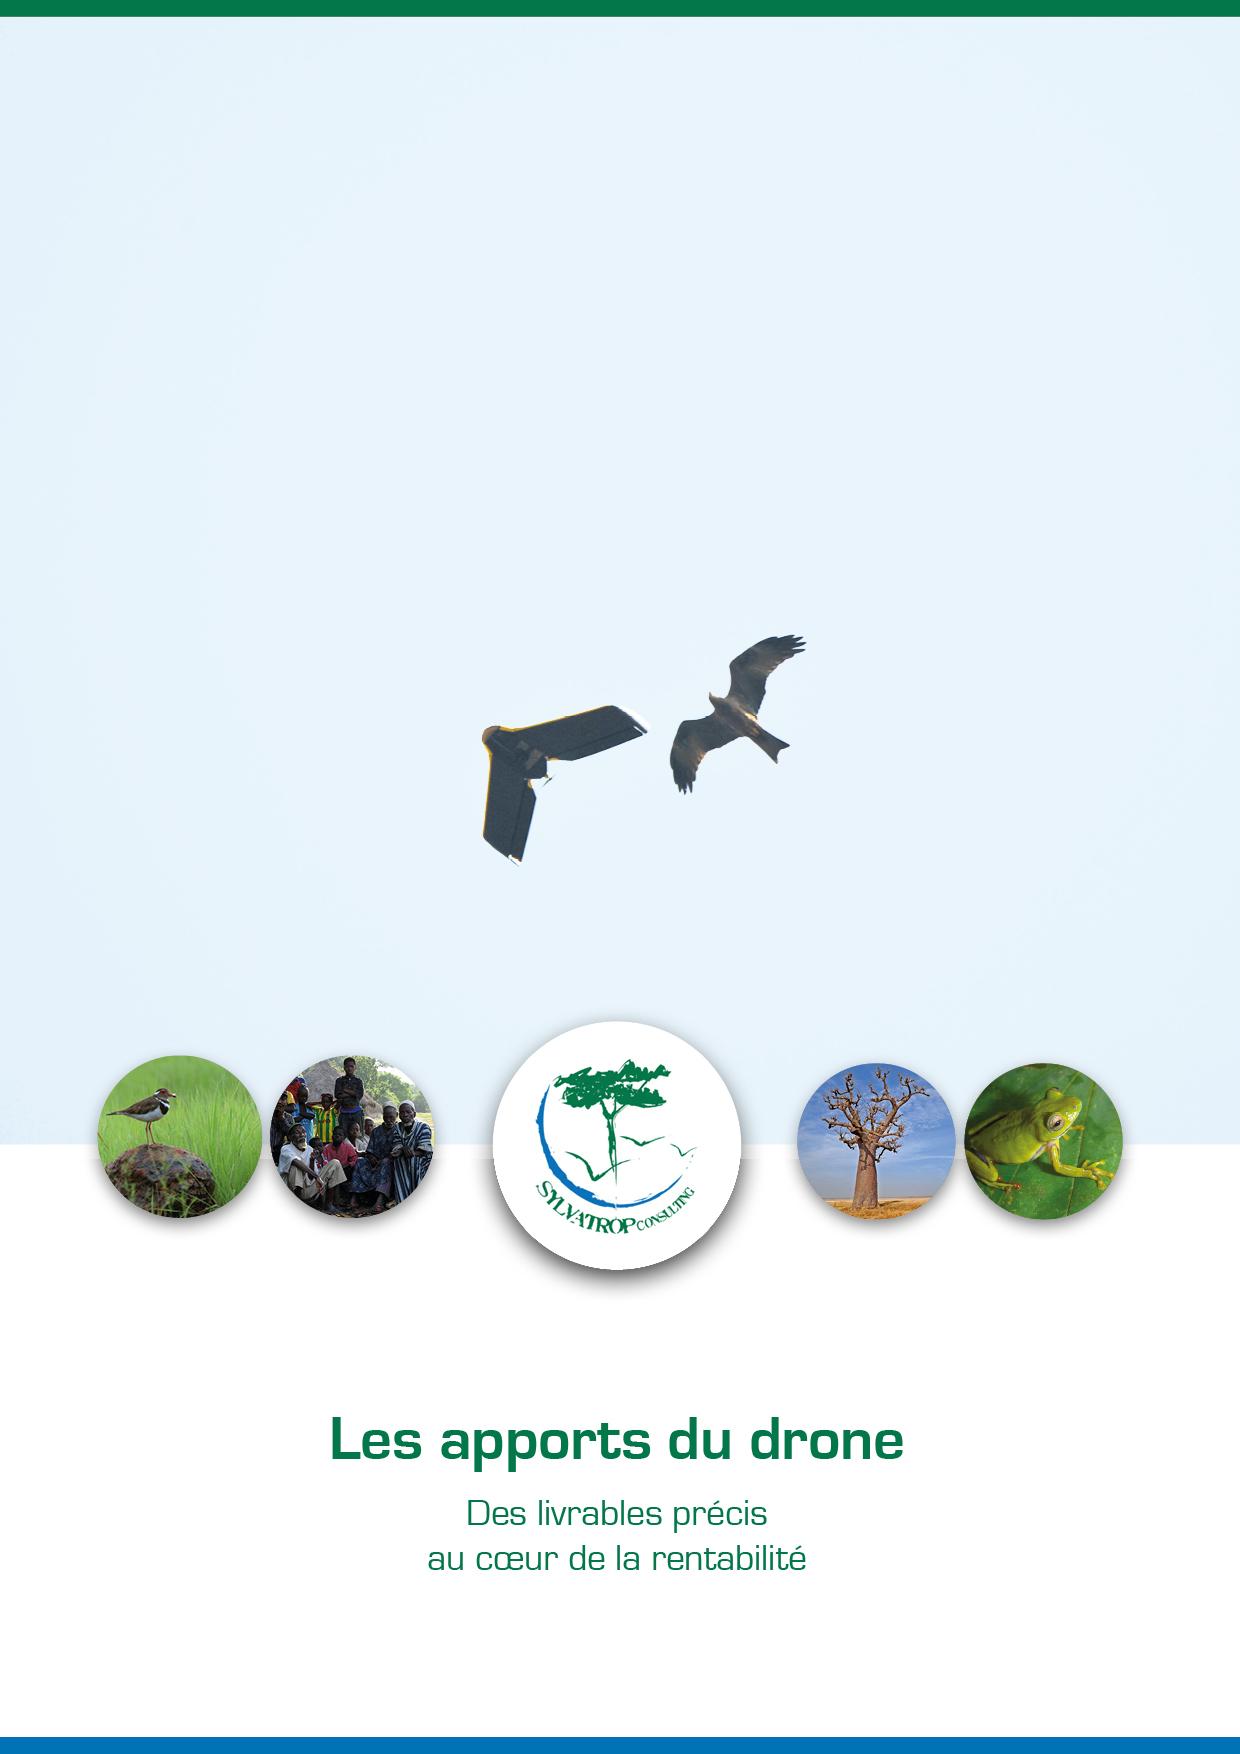 drone ebee+ guinee afrique de l'ouest senegal sylvatrop consulting